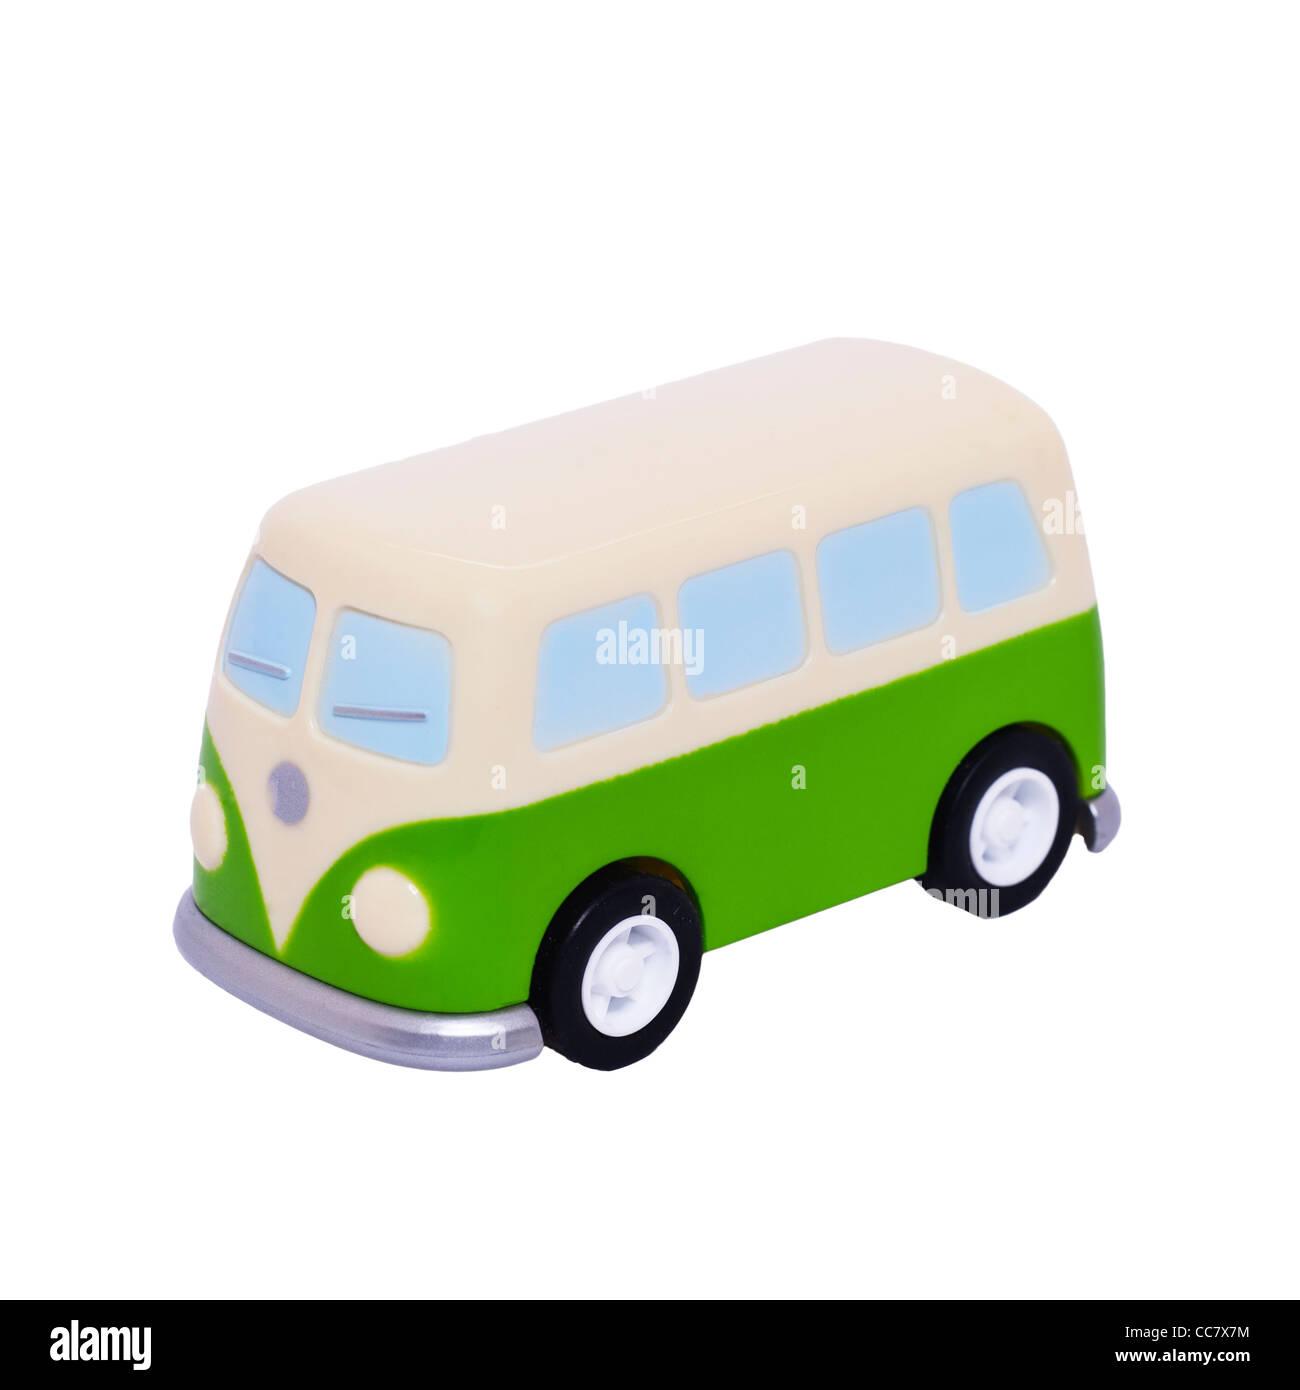 Modell Spielzeug VW Campingbus auf weißem Hintergrund Stockbild